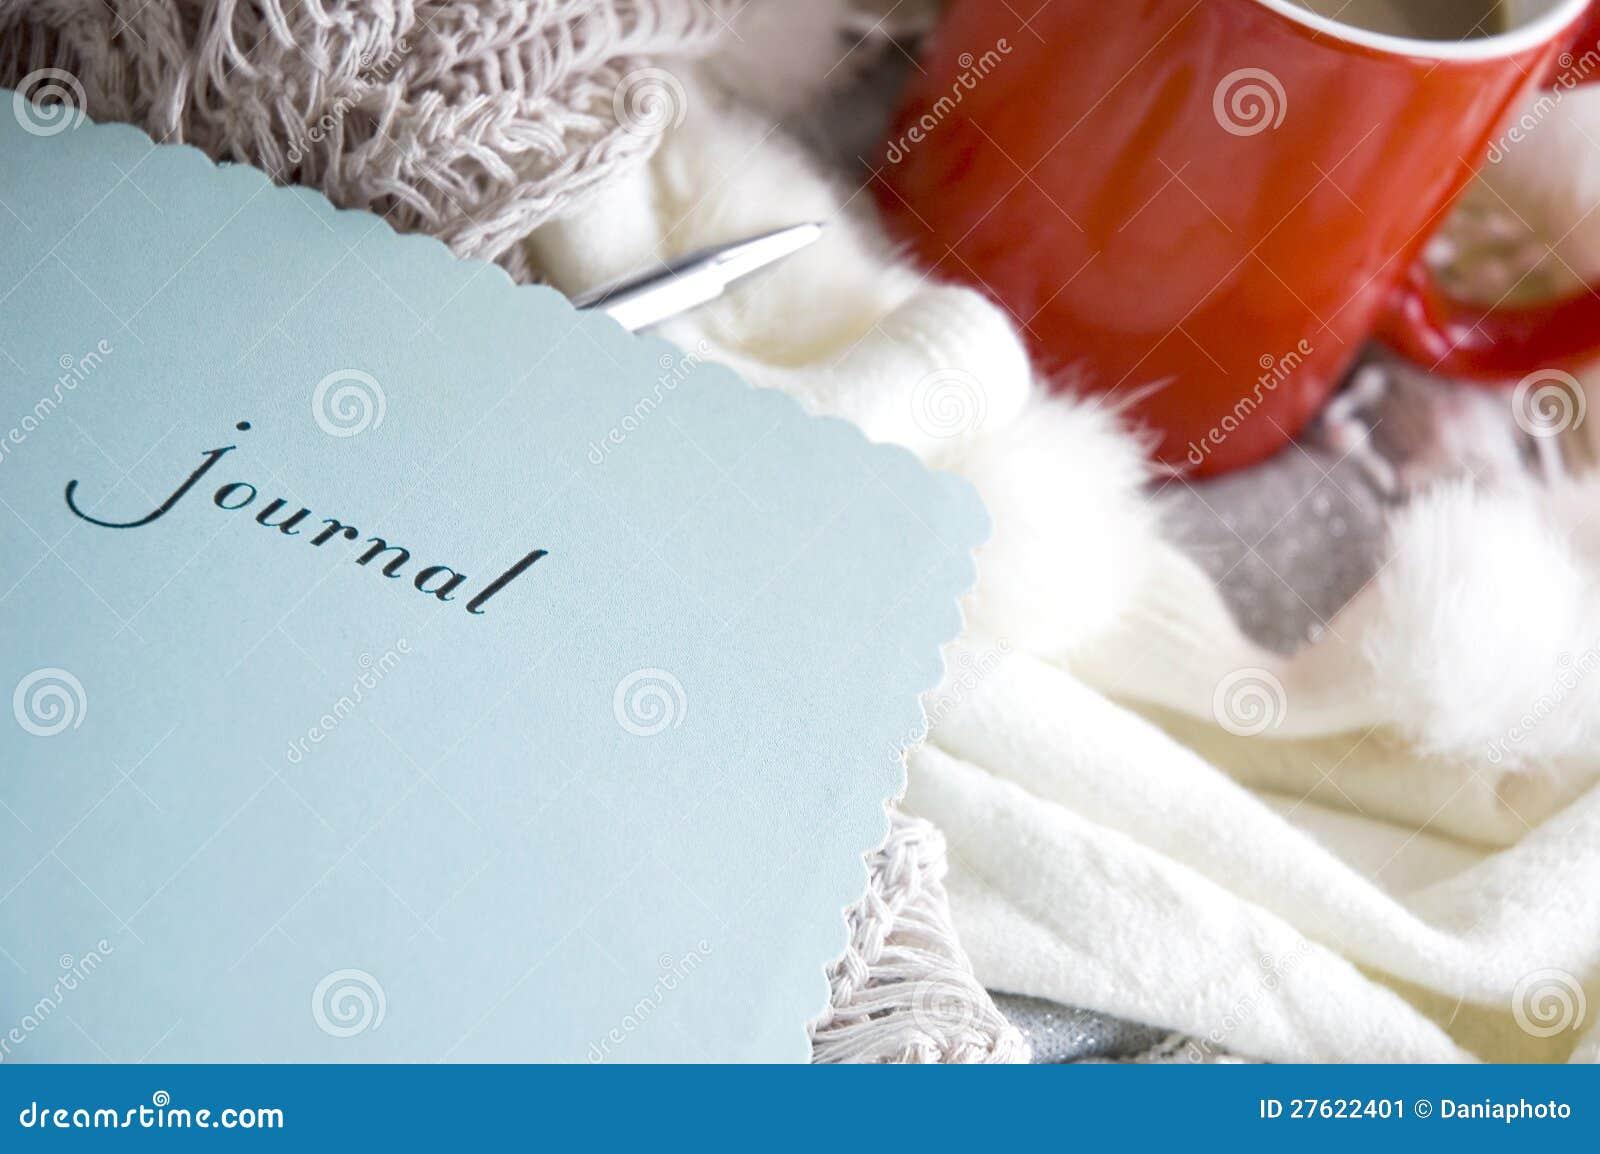 Blue journal book